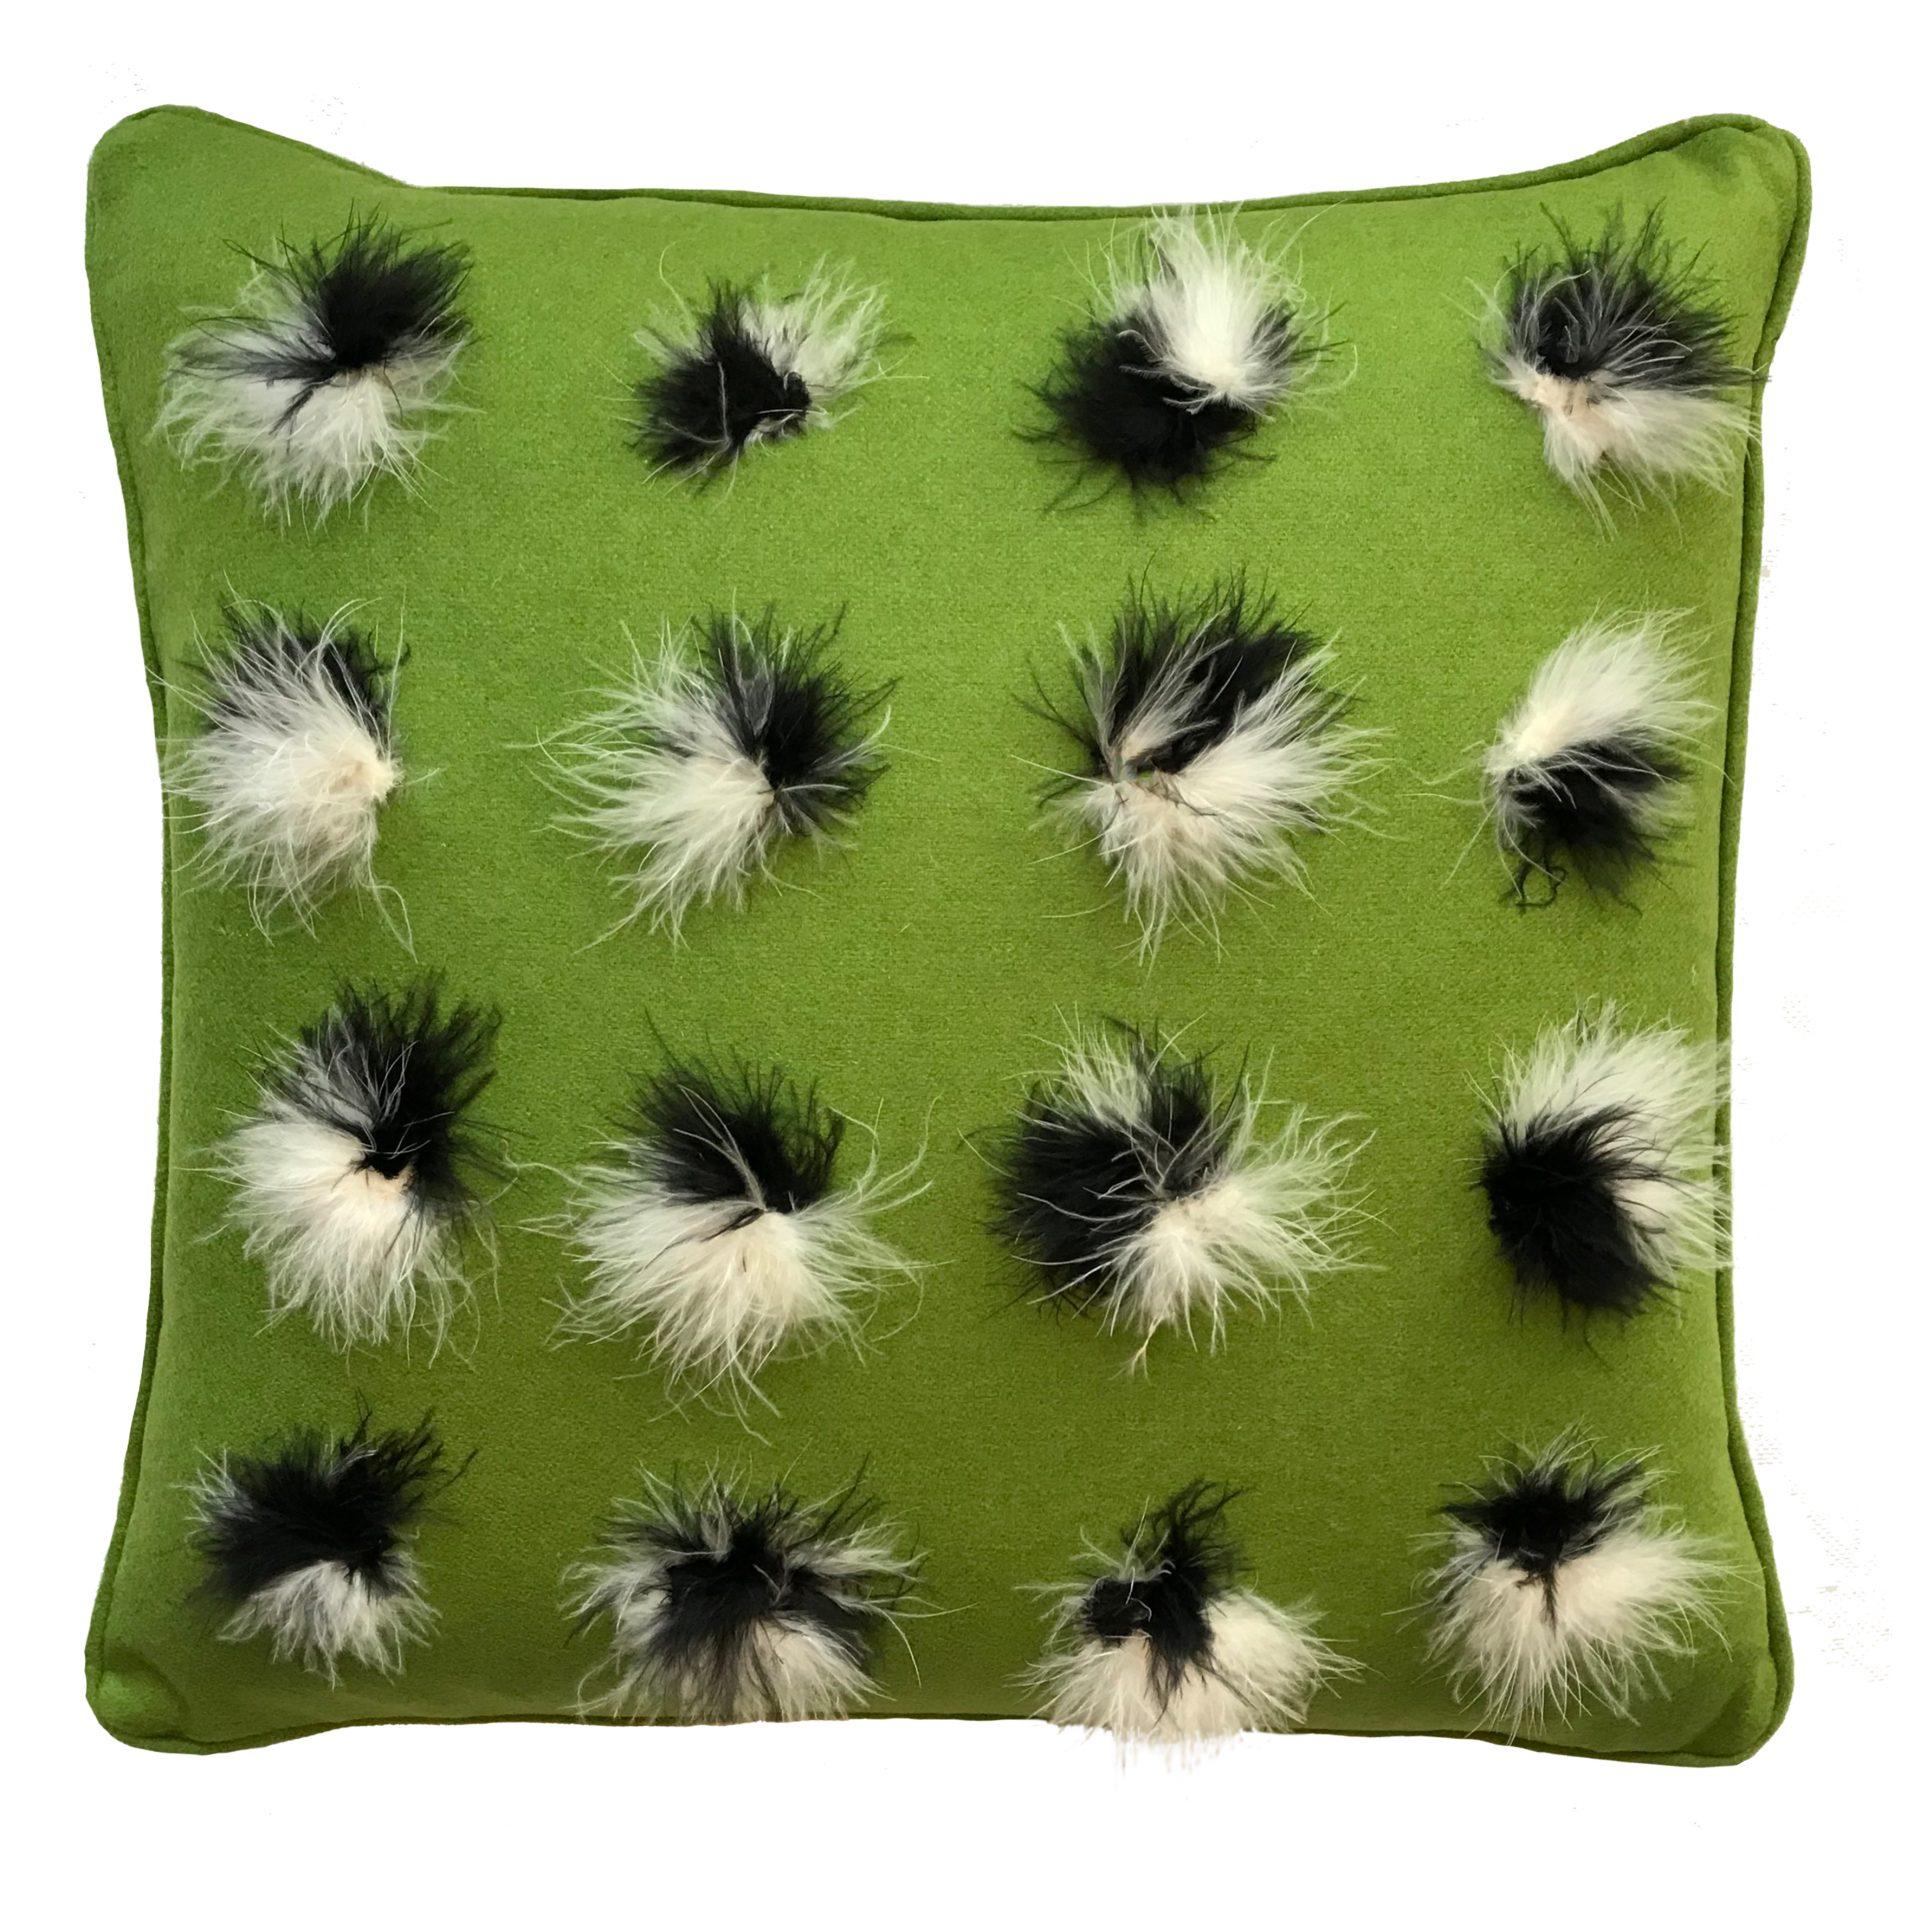 Avocado throw pillow with marabou feathers.